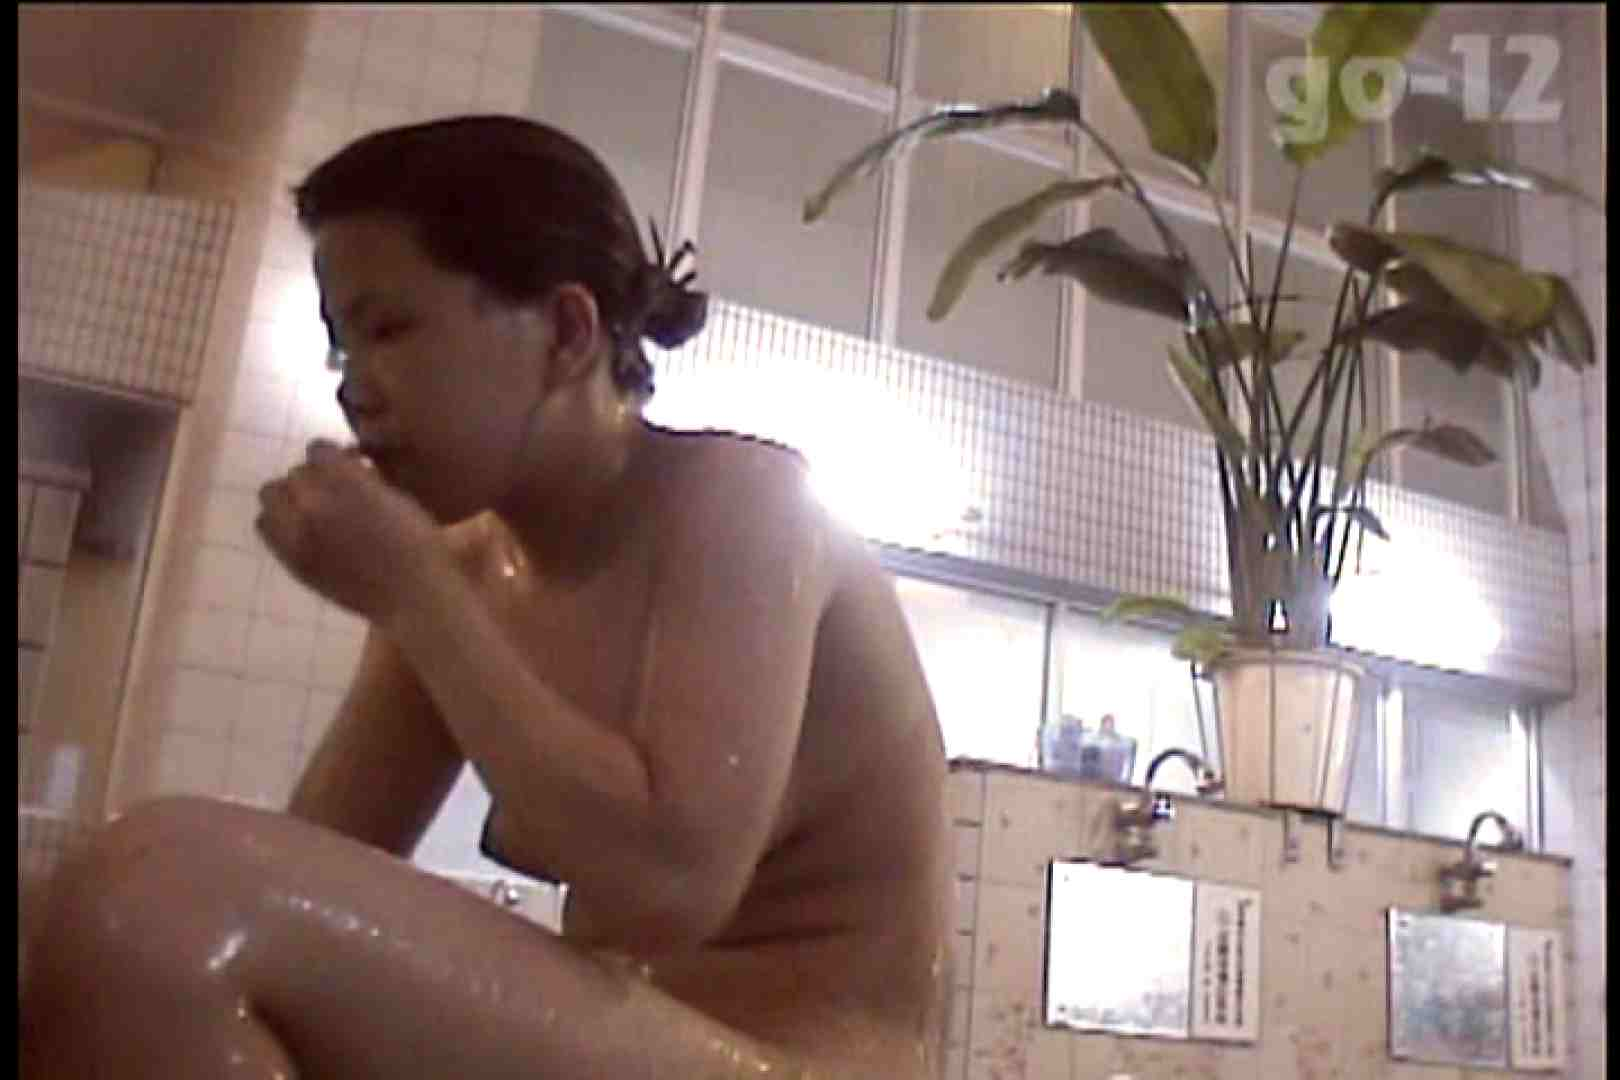 電波カメラ設置浴場からの防HAN映像 Vol.12 盗撮で悶絶 すけべAV動画紹介 49画像 13